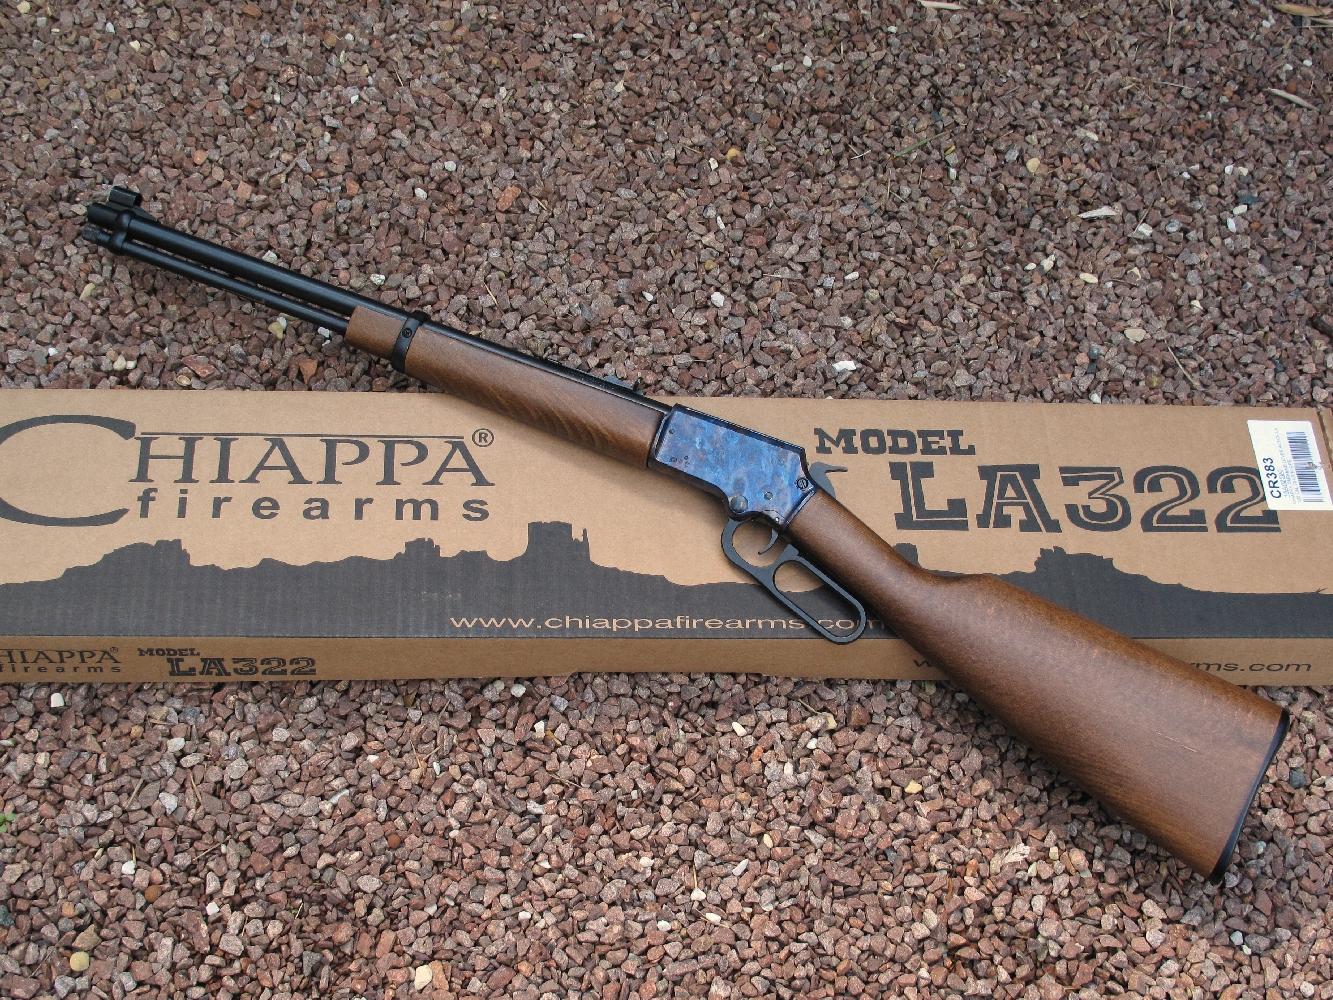 Avec sa monture en hêtre au vernis satiné et son boîtier de culasse dont la peinture imite avec un très grand réalisme l'acier jaspé des anciennes carabines Winchester, la carabine Chiappa présente un aspect très avantageux.